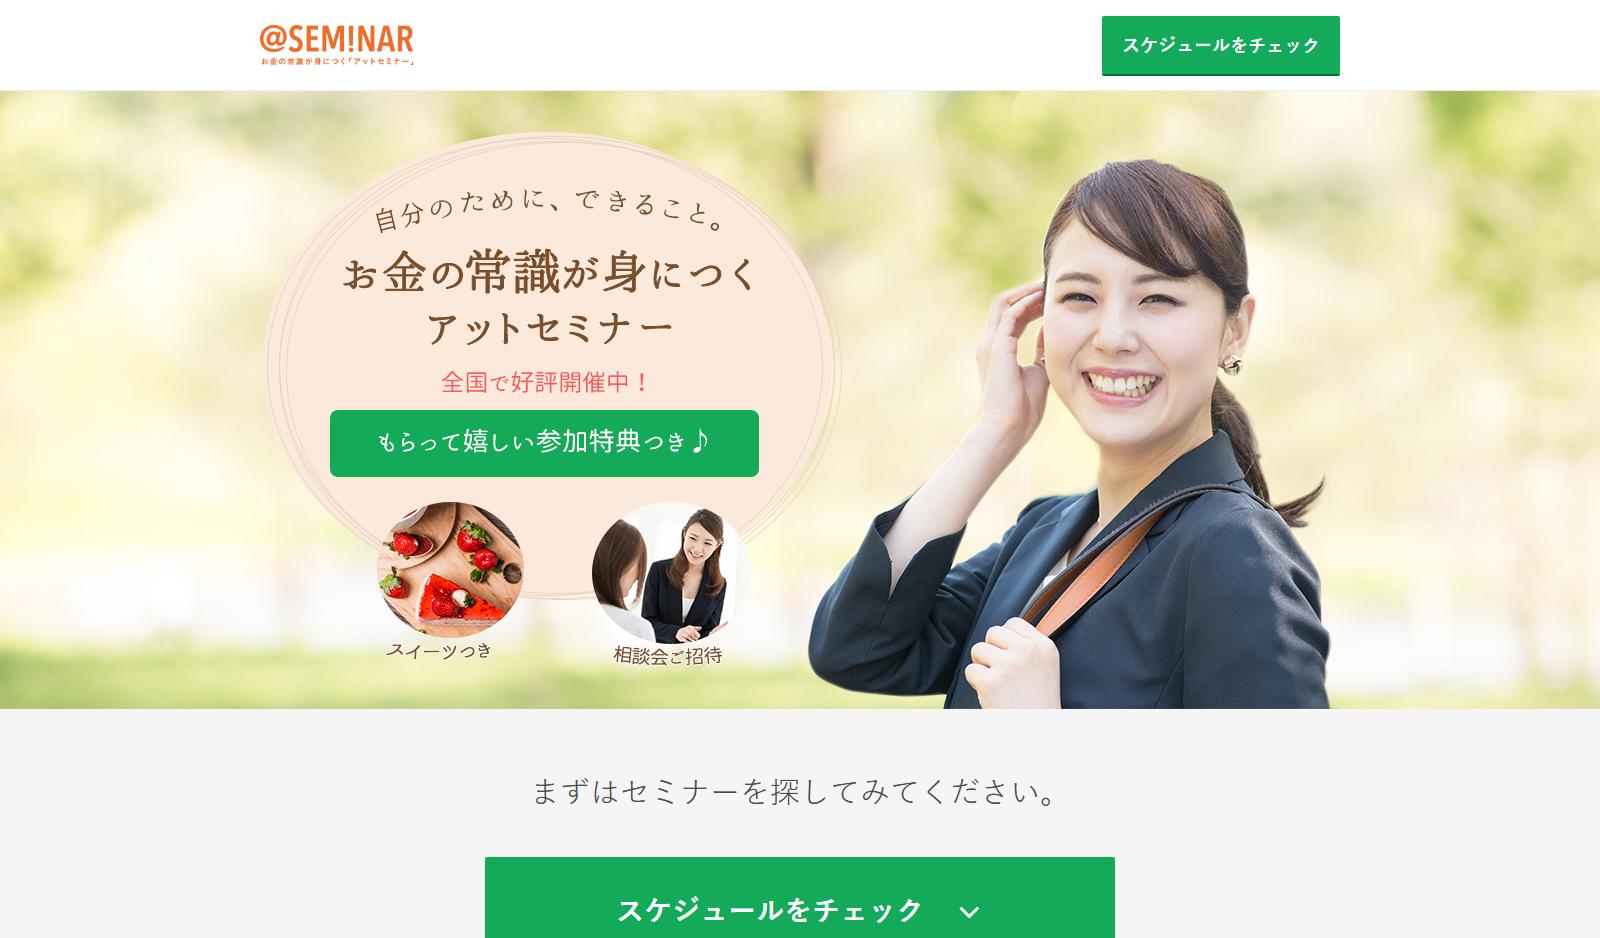 無料マネーセミナー東京開催|女性に人気のおすすめマネーセミナー